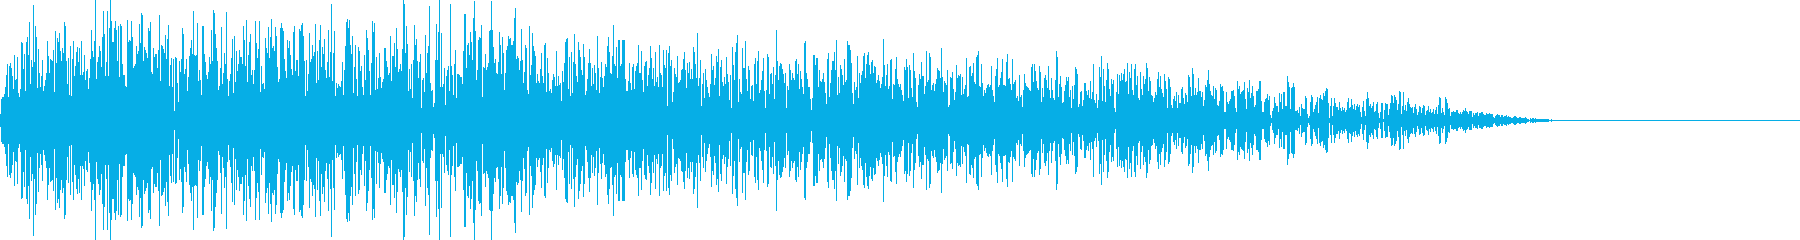 パーオ(ファミコン/変な音/特殊音の再生済みの波形